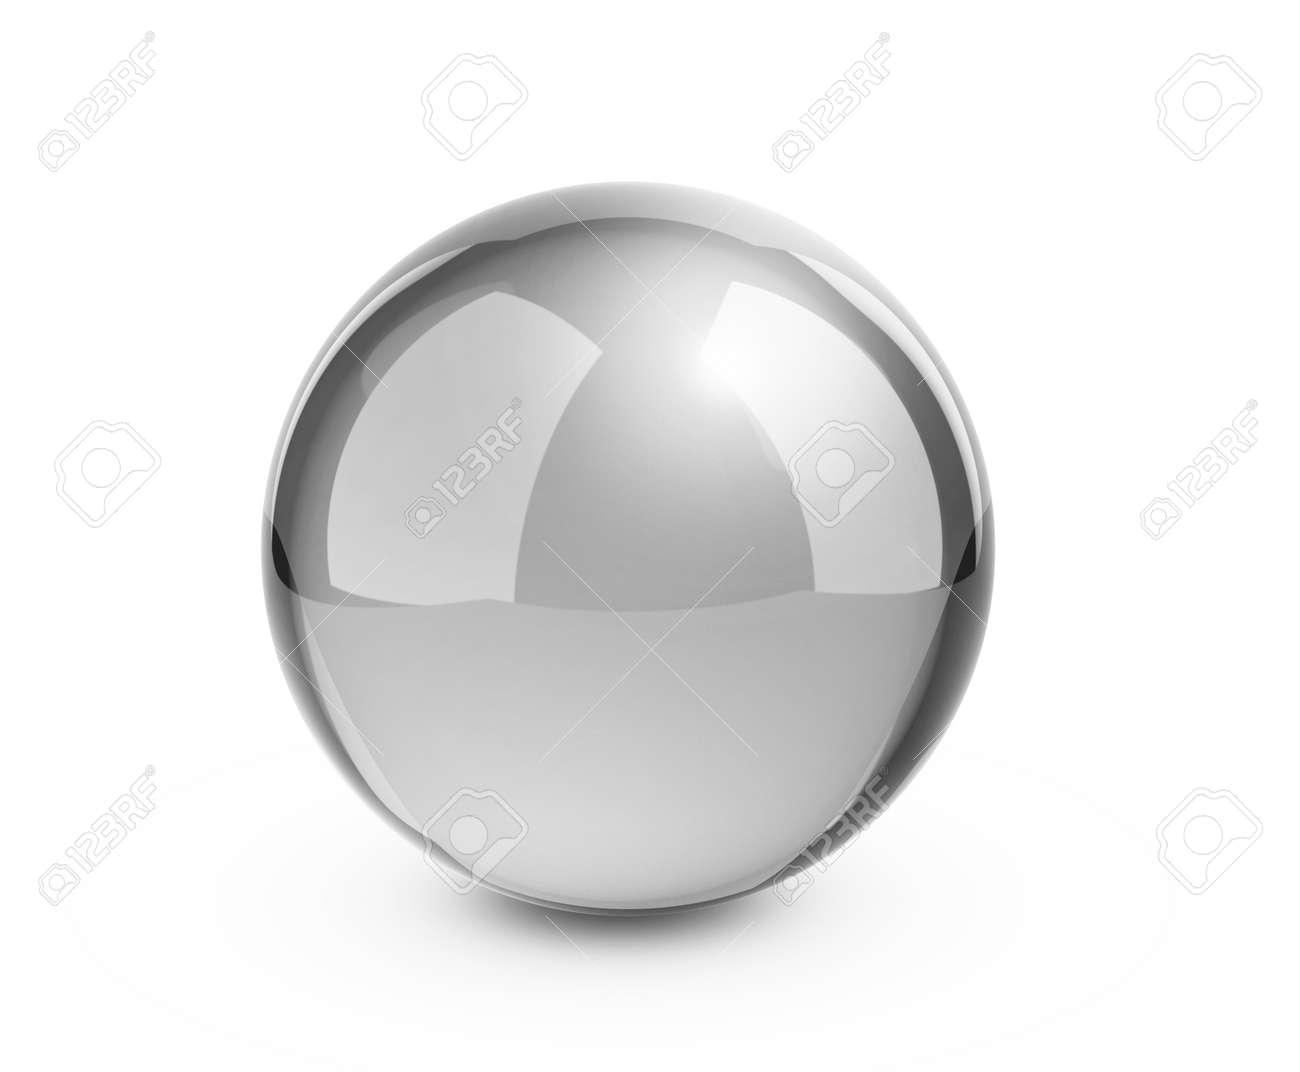 Metal sphere render on white - 25588793